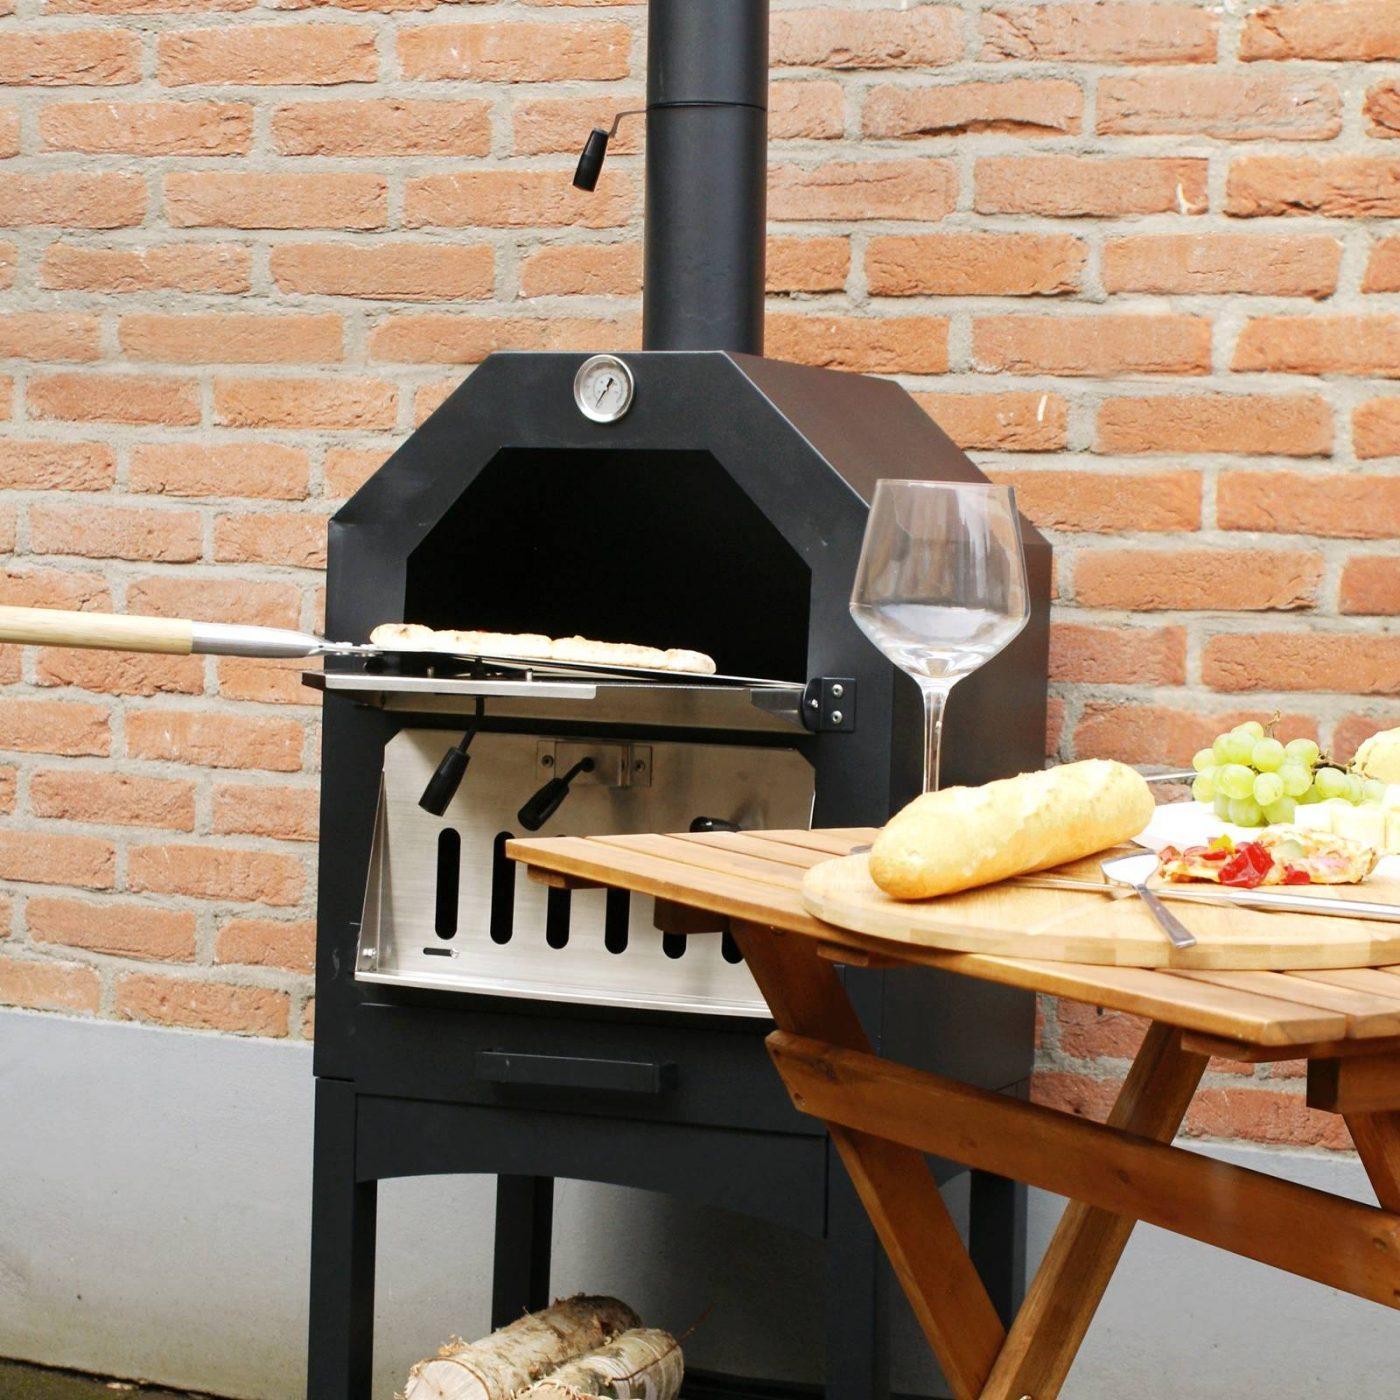 Aldi slaat terug met betaalbare pizza oven voor in de tuin 02